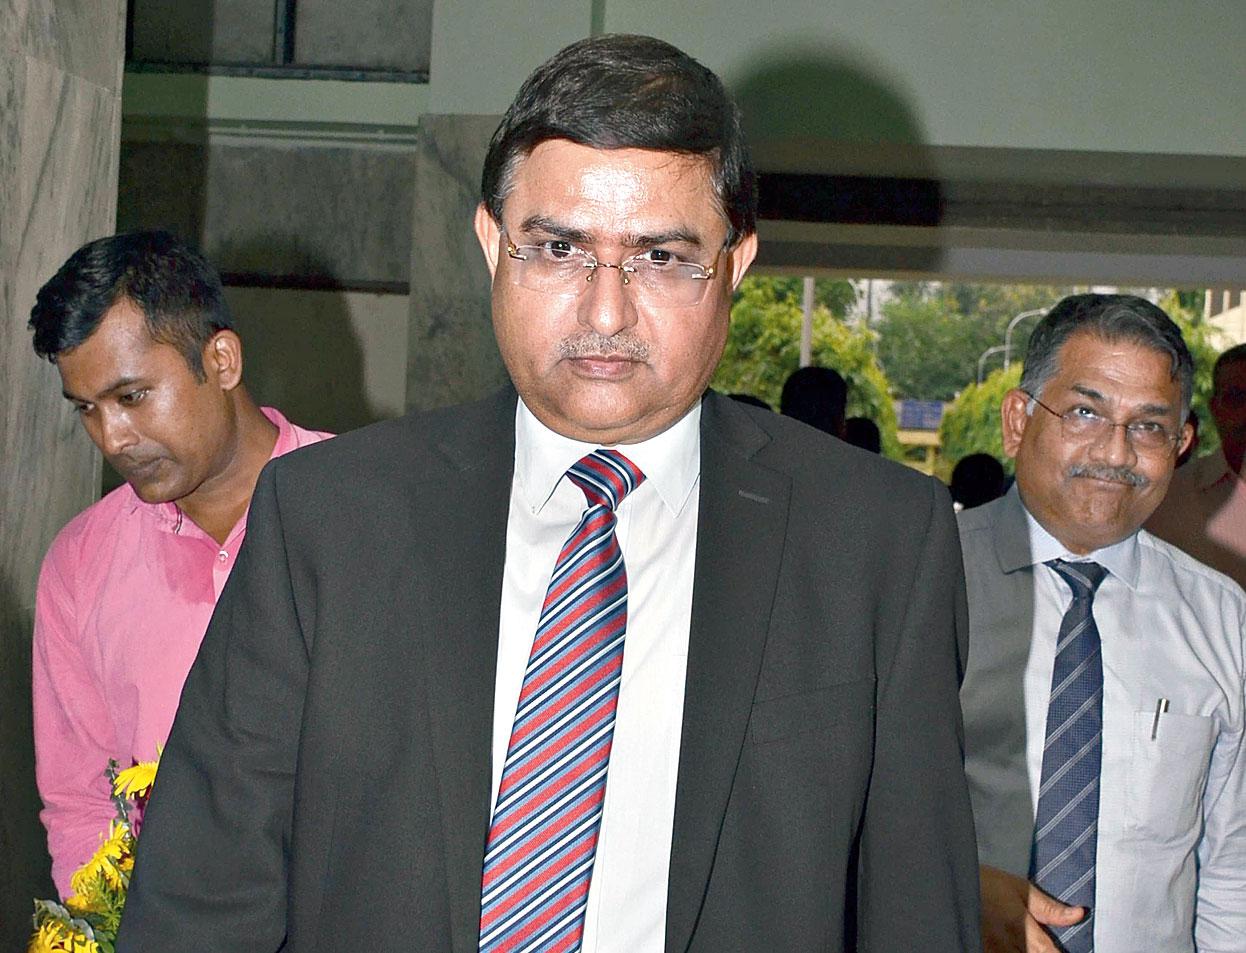 Hand of govt: CBI insider reveals messy Centre's role